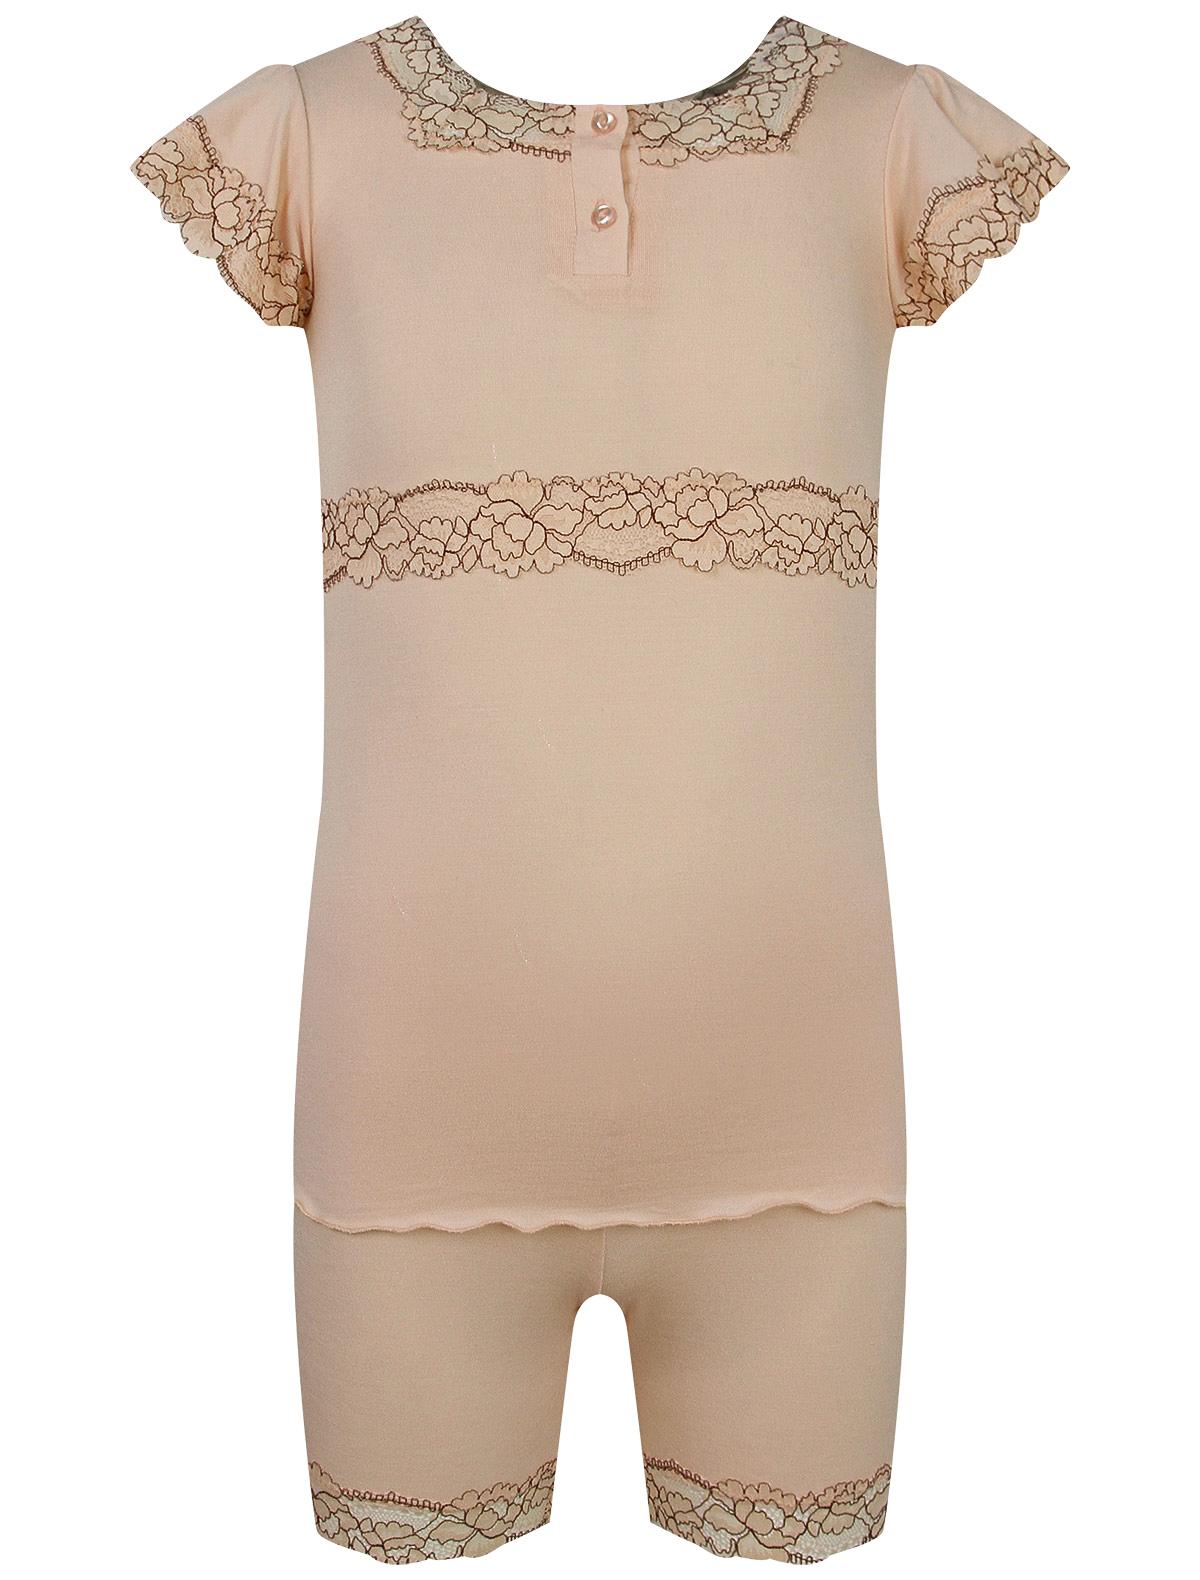 2260706, Пижама Sognatori, розовый, Женский, 0214509080436  - купить со скидкой